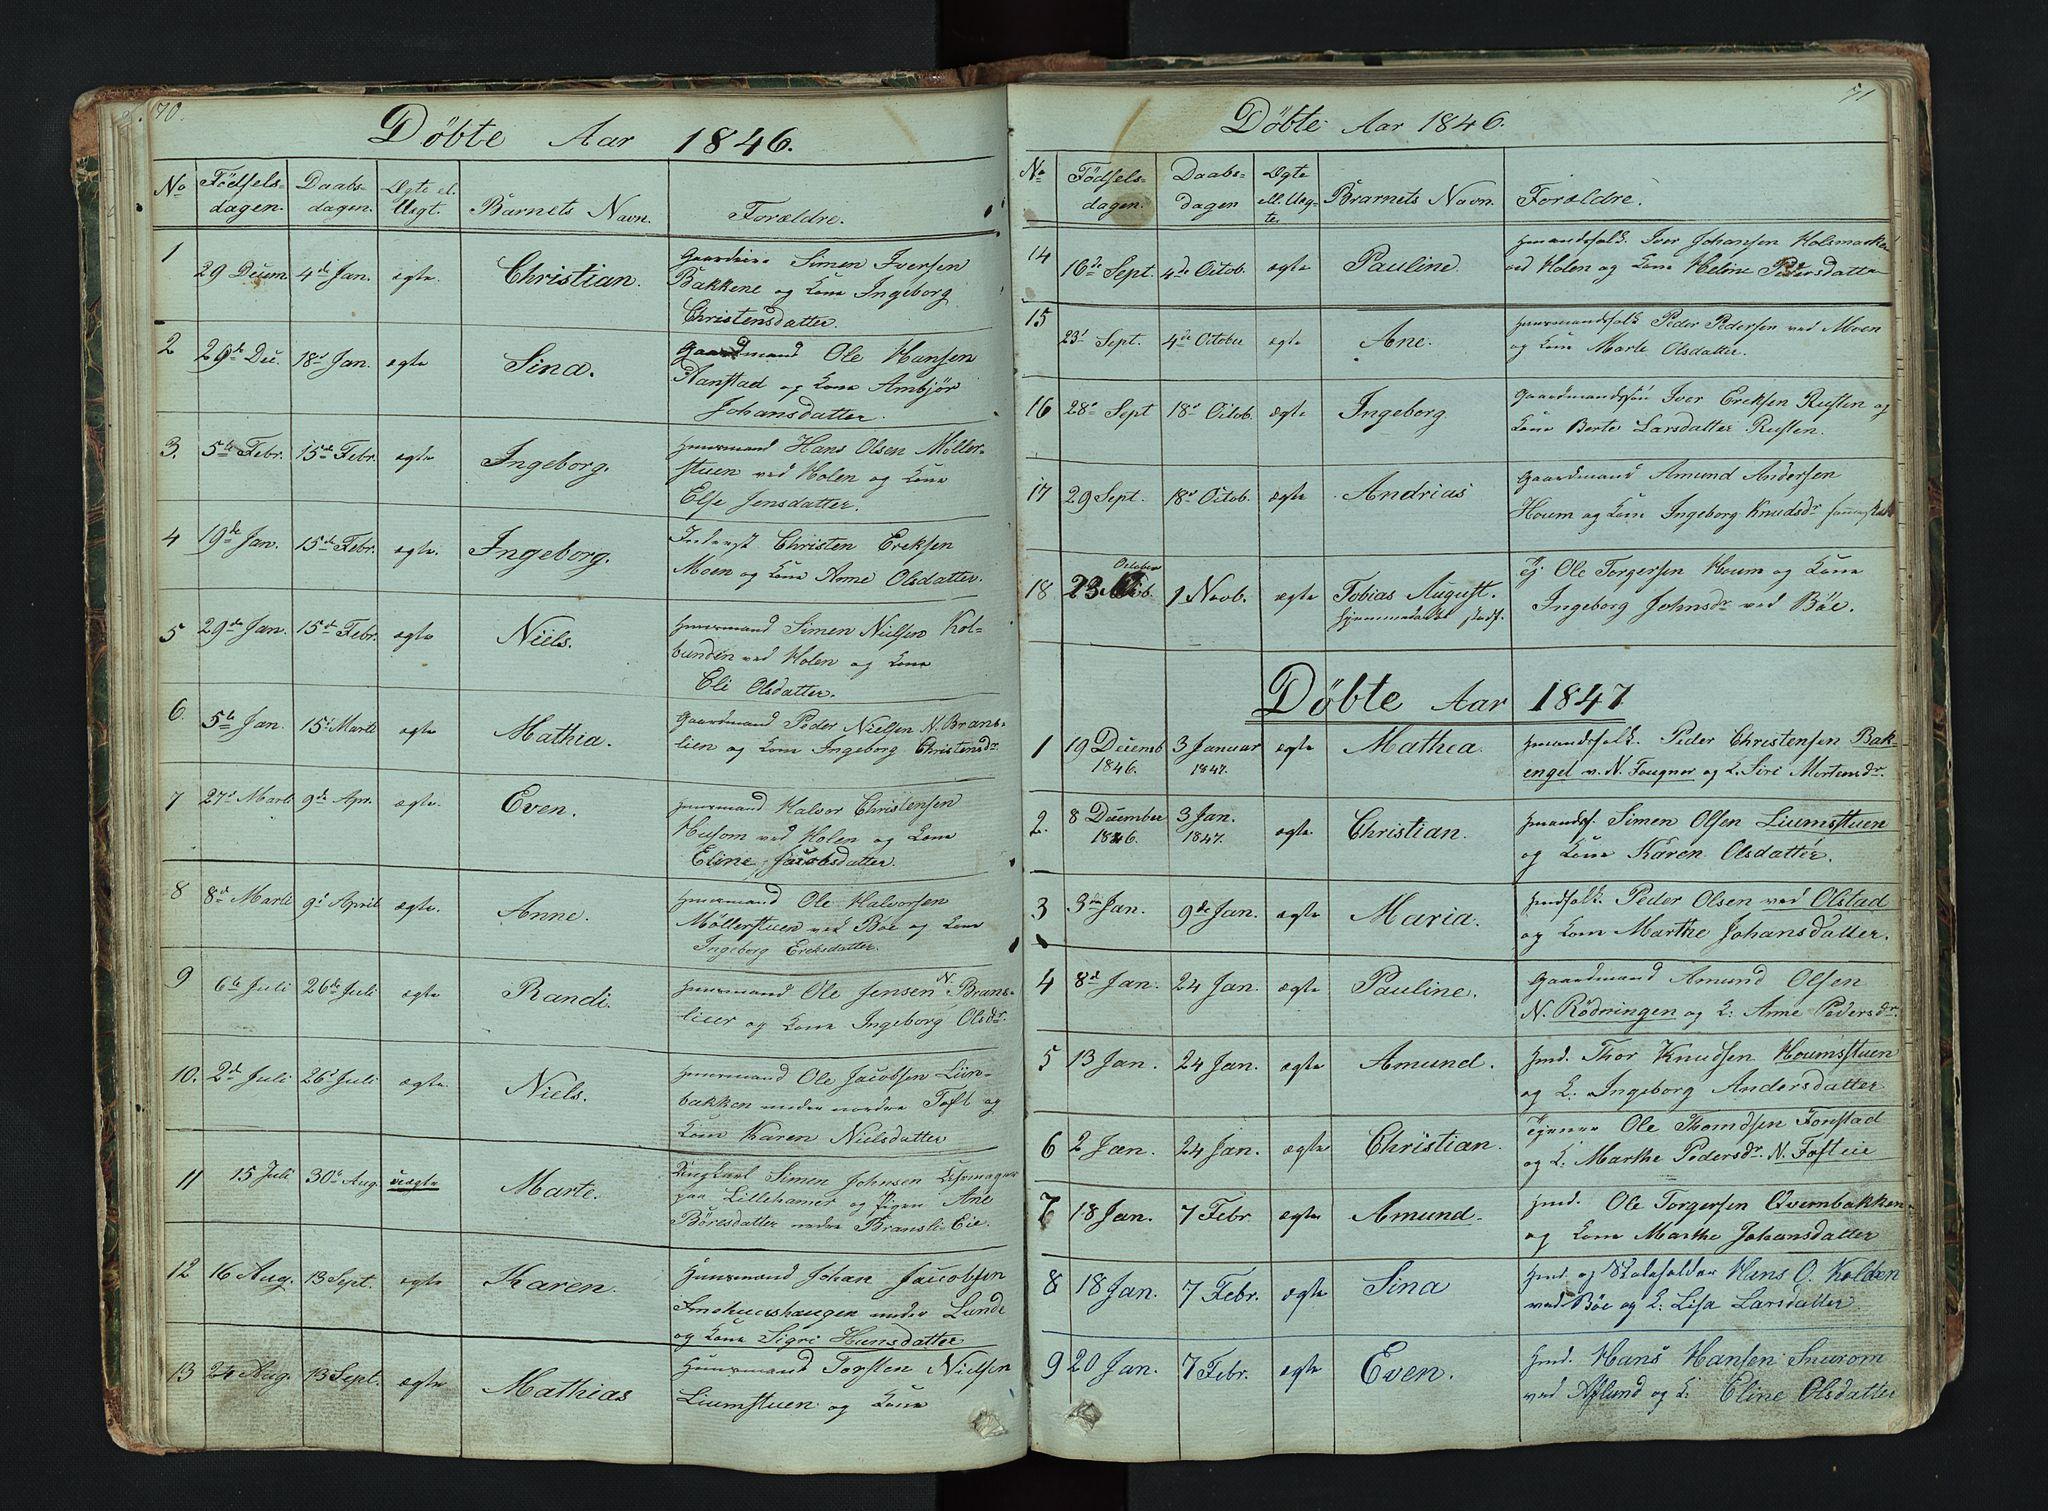 SAH, Gausdal prestekontor, Klokkerbok nr. 6, 1846-1893, s. 70-71